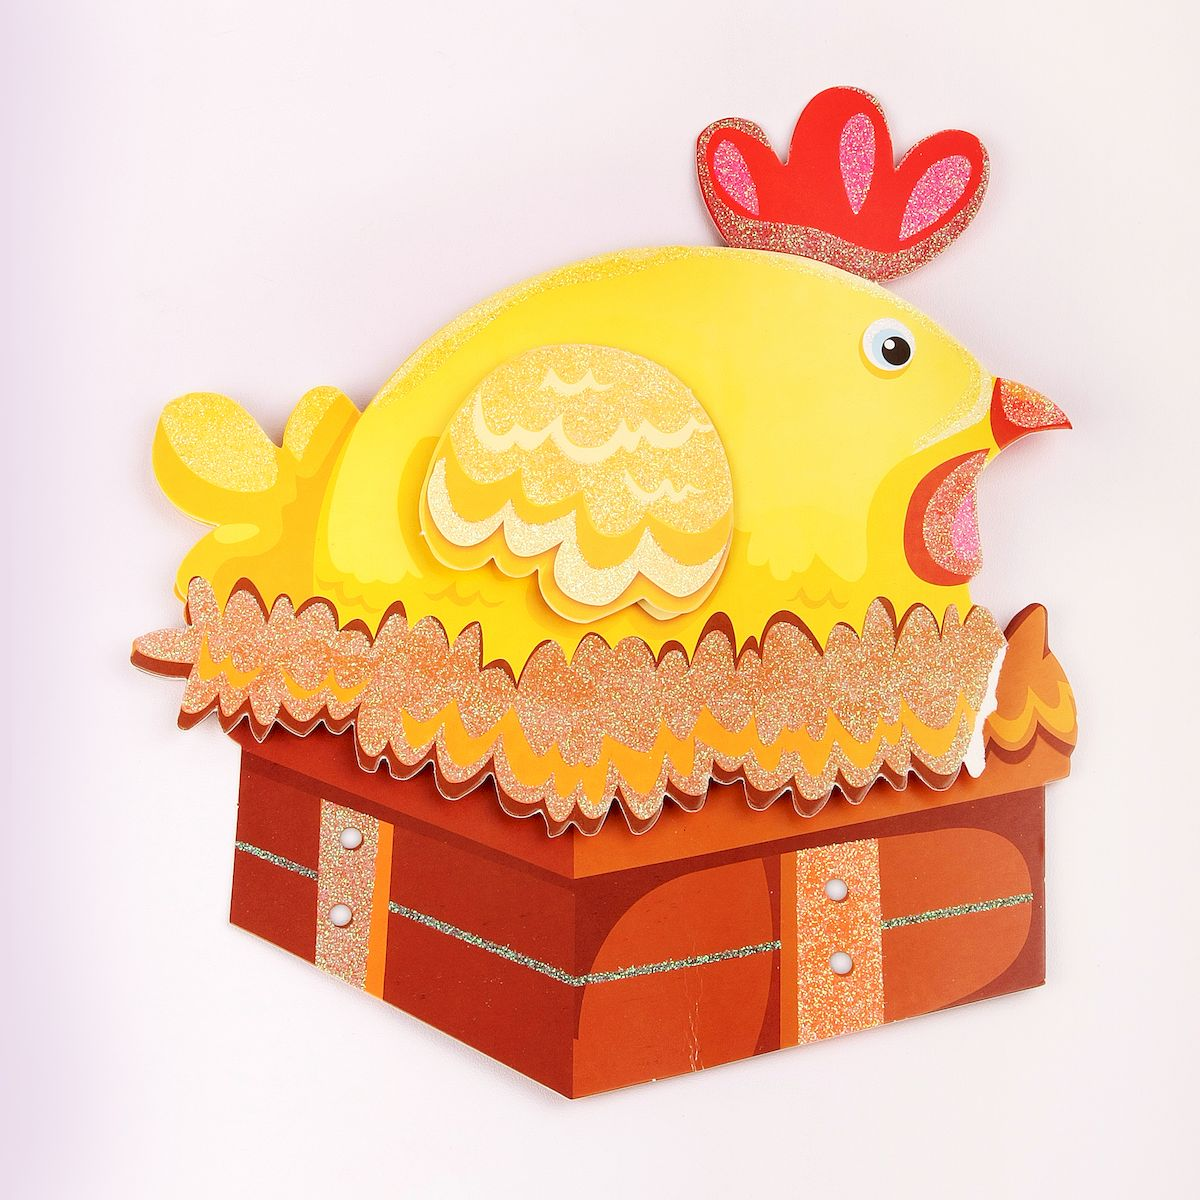 Яркая, забавная наклейка украсит не только детскую комнату, но и станет отличным дополнением к любому подарку. Наклейку можно использовать как украшение стен и, например, фасадов шкафов и различных ящиков.